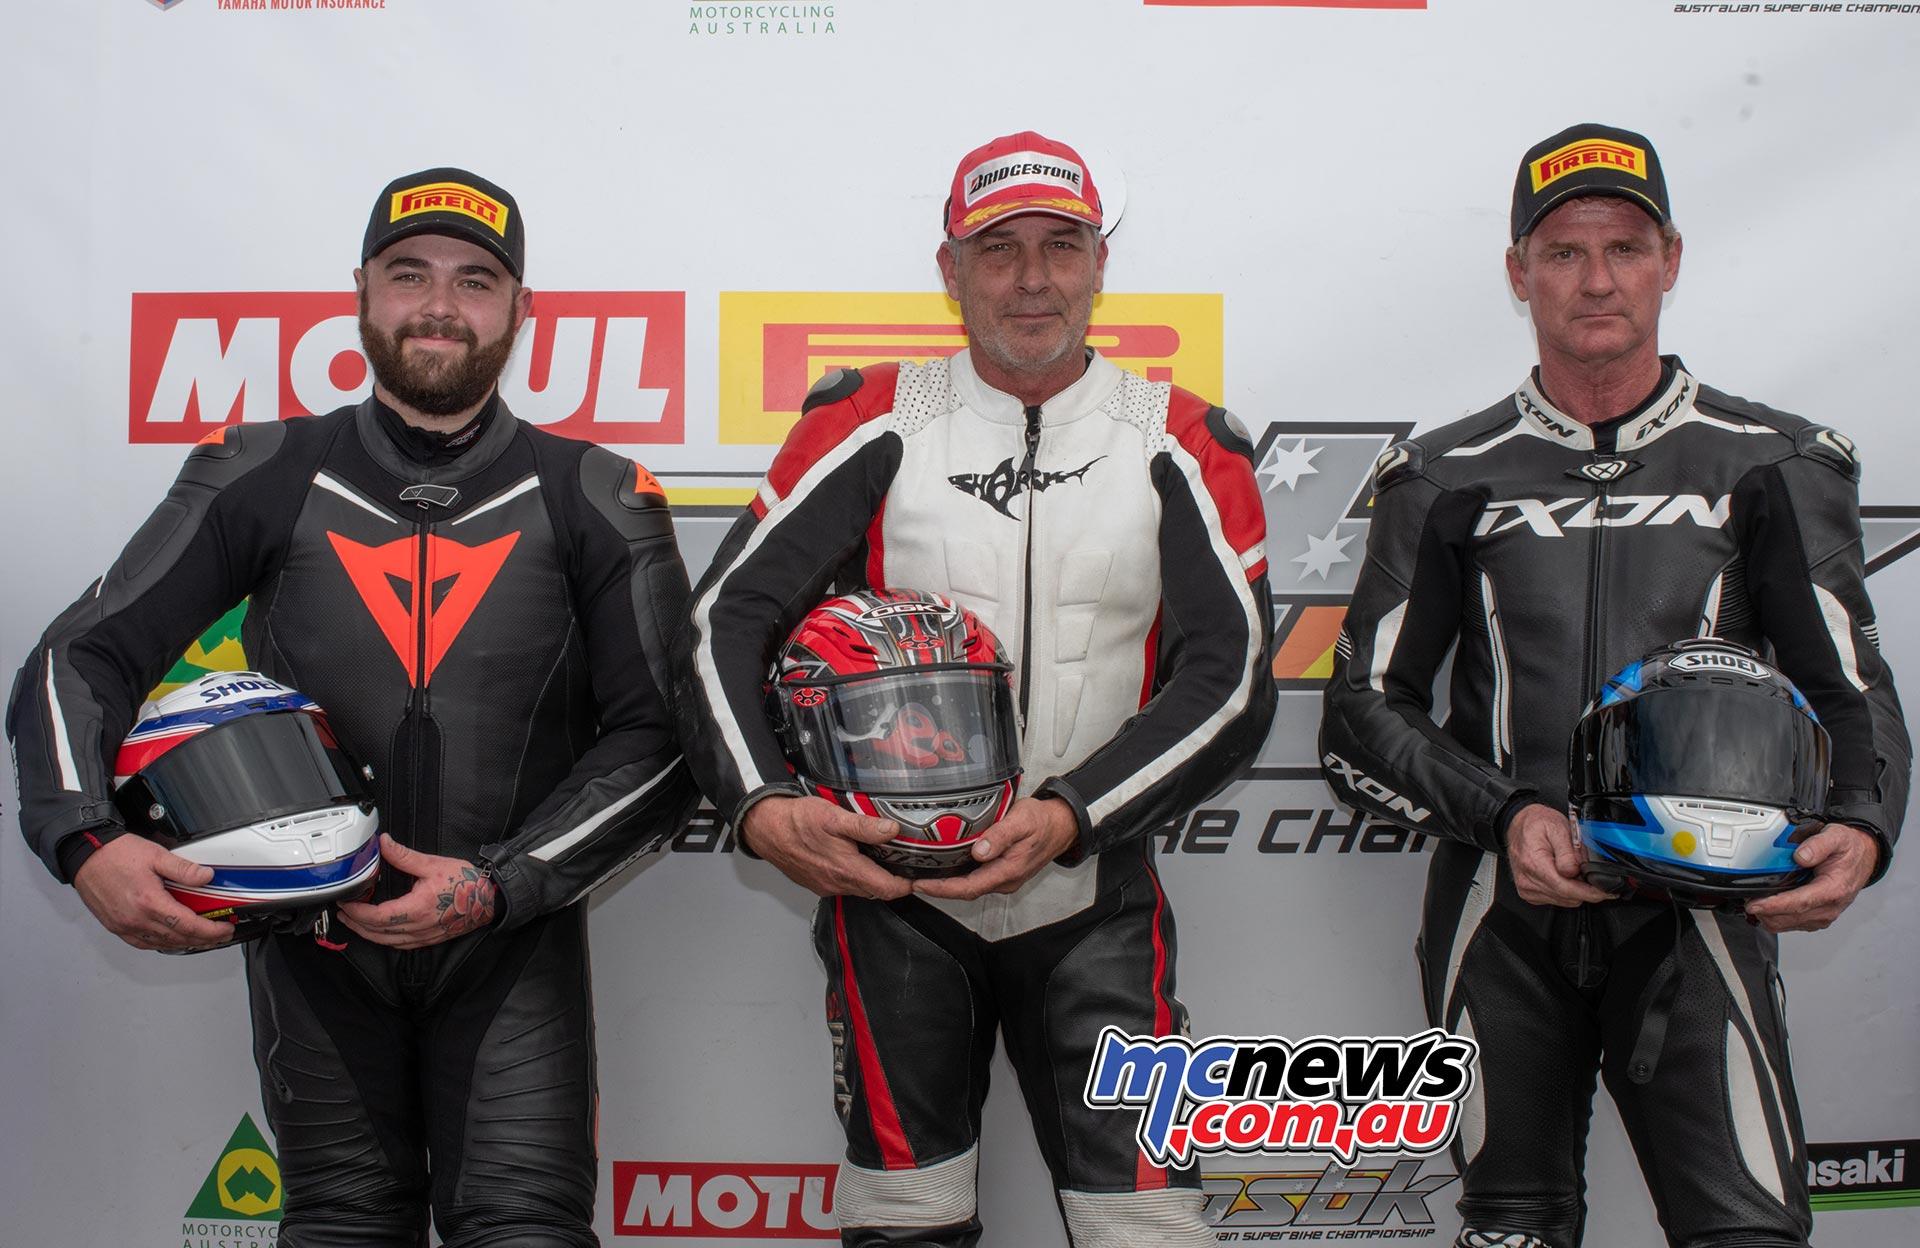 ASBK Rnd Morgan Park RbMotoLens SBKM Race Podium John ALLEN Alexander PICKETT Murray CLARK